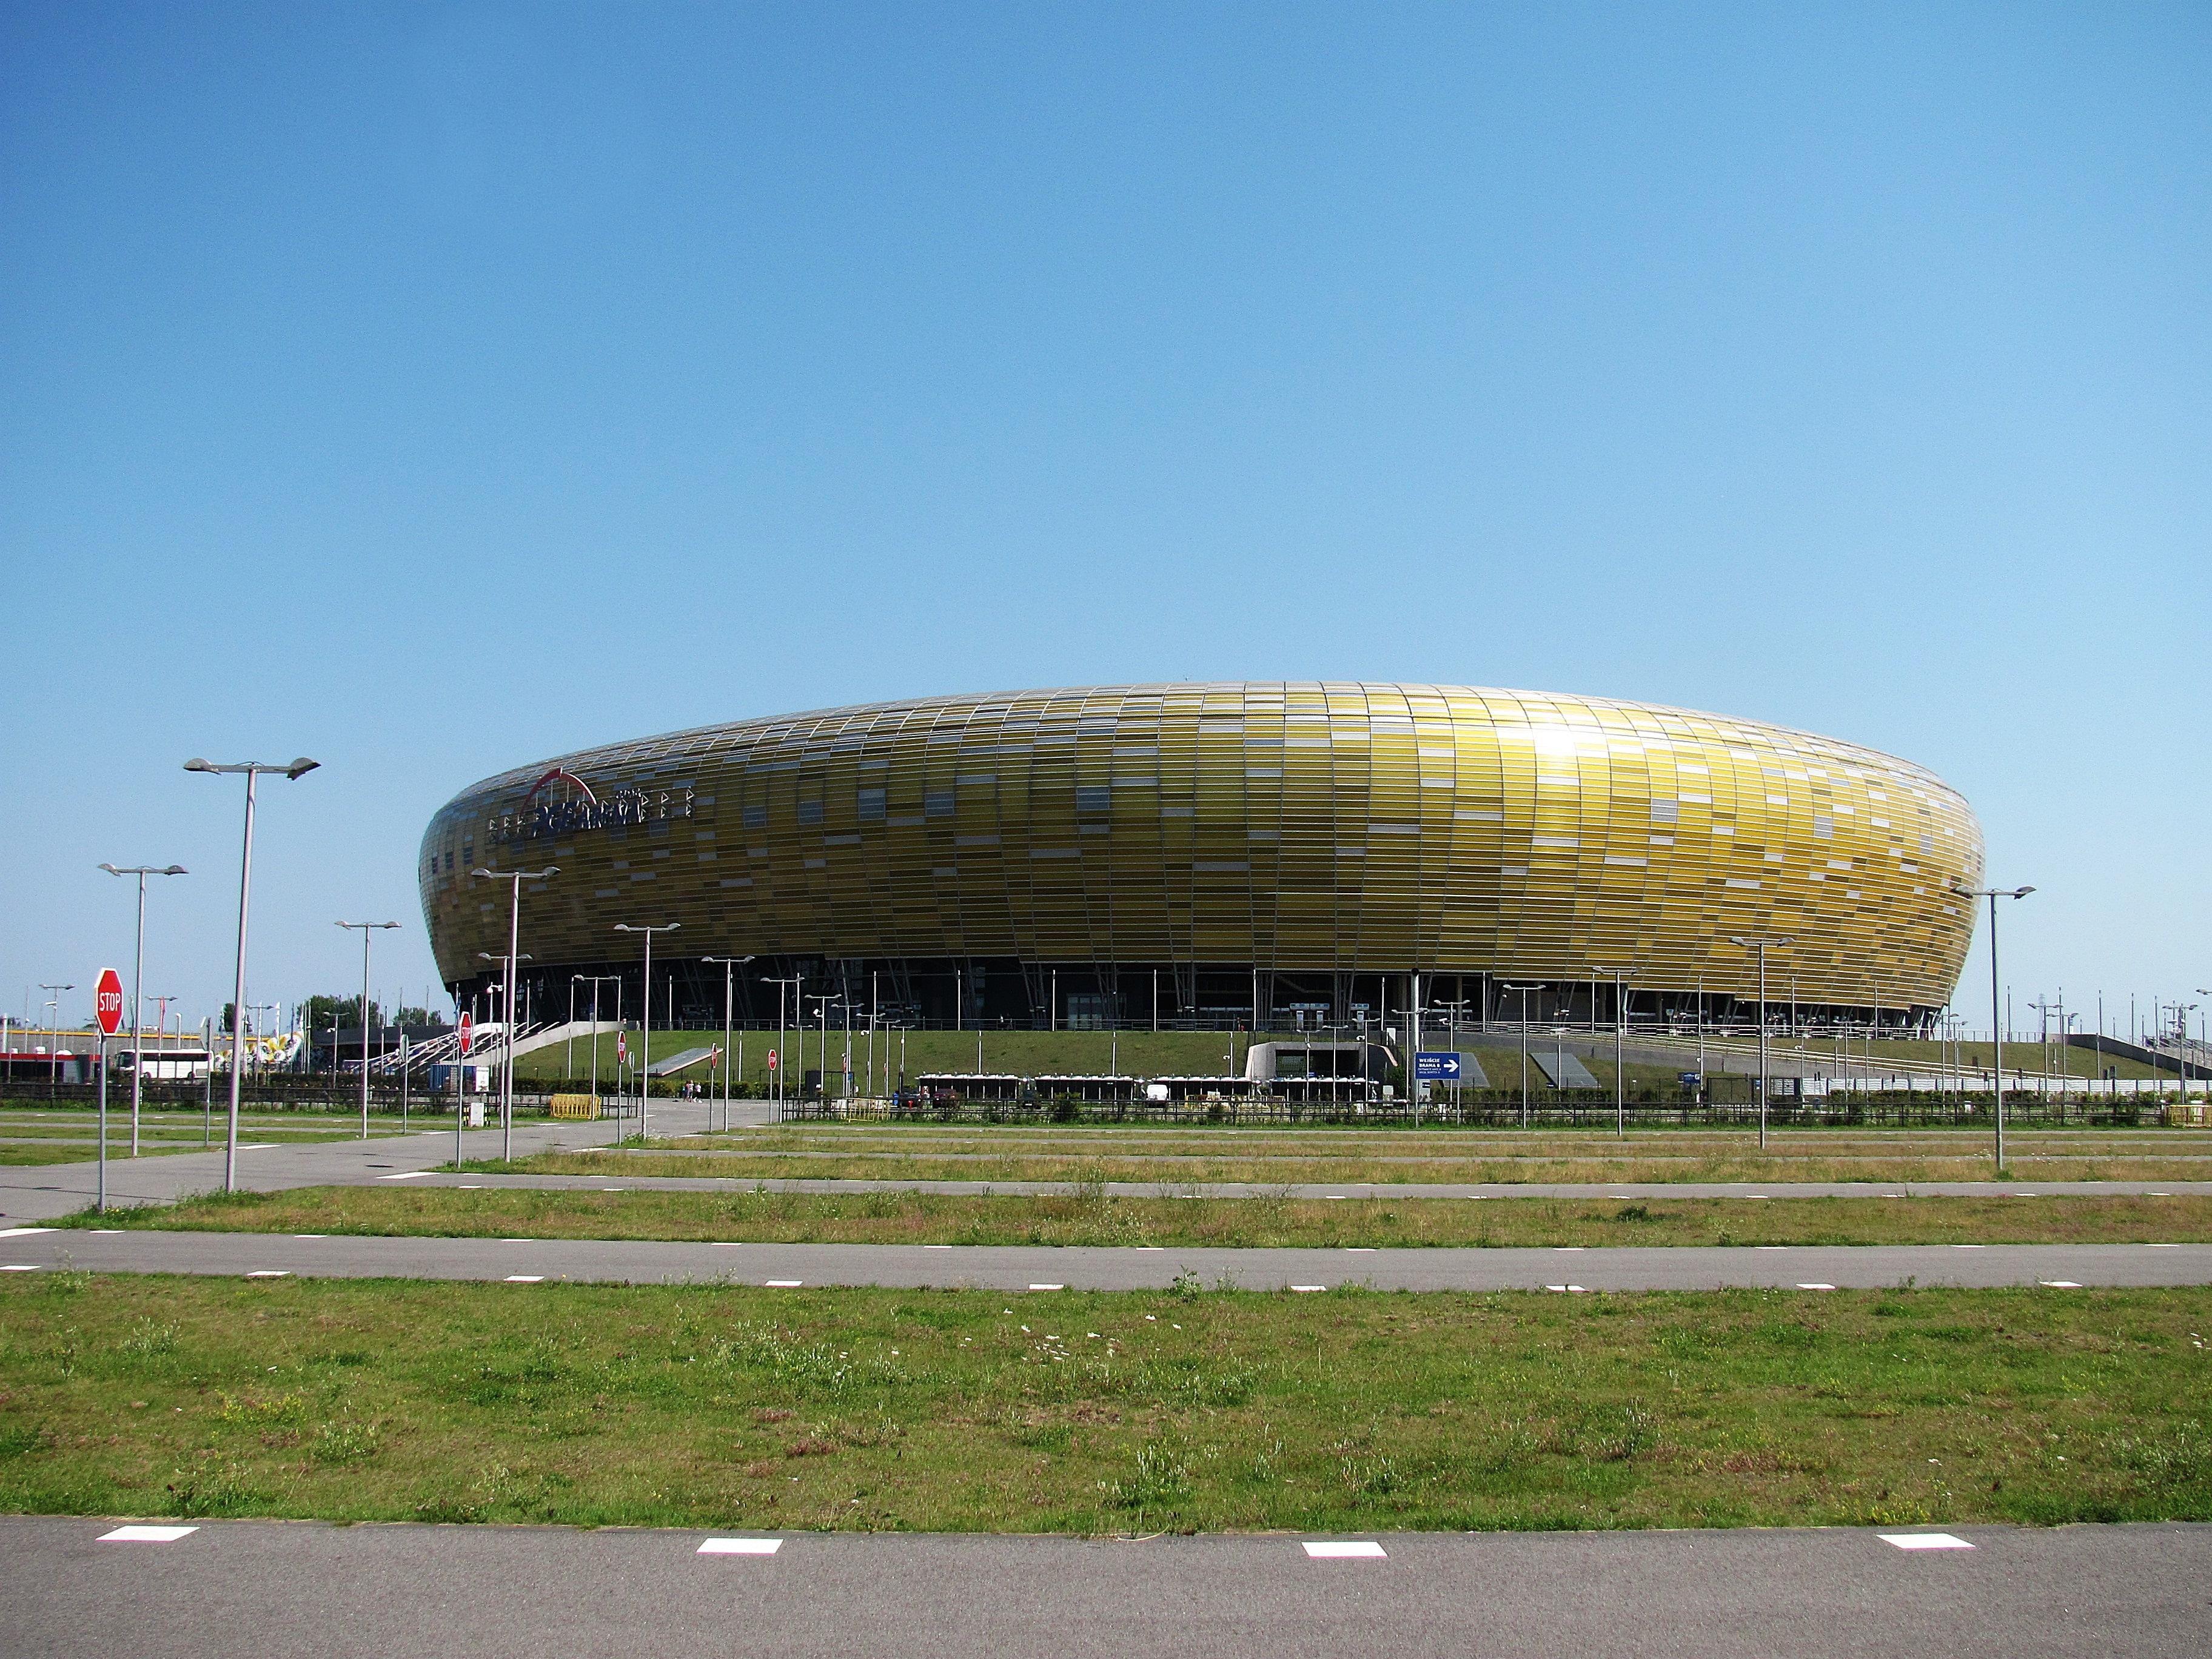 Fotos Gratis Césped Arquitectura Estructura Deporte